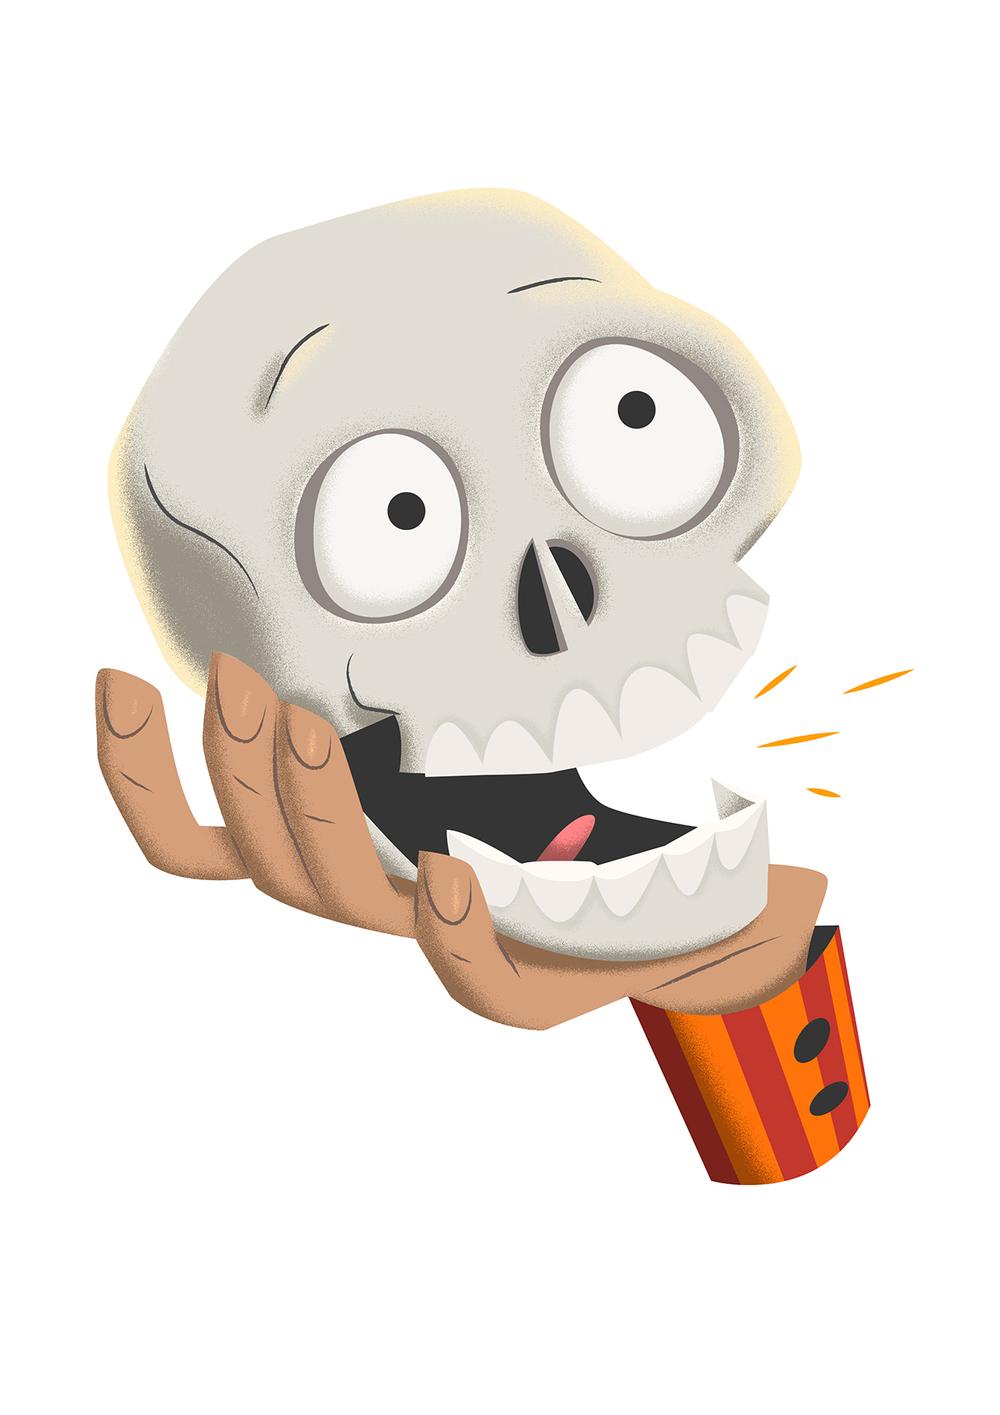 Performer - Jorrick skull - 8-10-2014.jpg